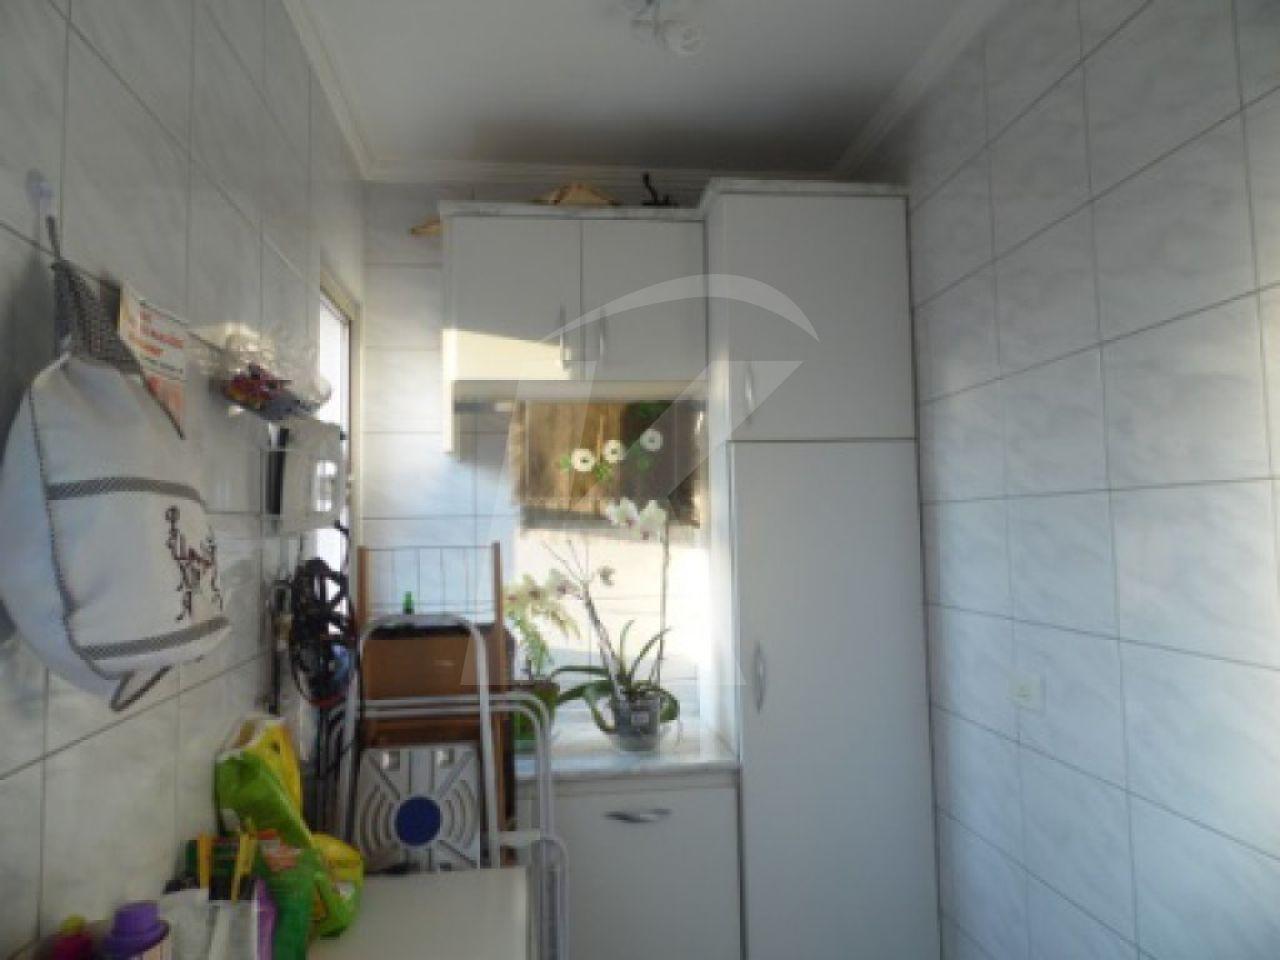 Apartamento Tucuruvi - 2 Dormitório(s) - São Paulo - SP - REF. KA1173